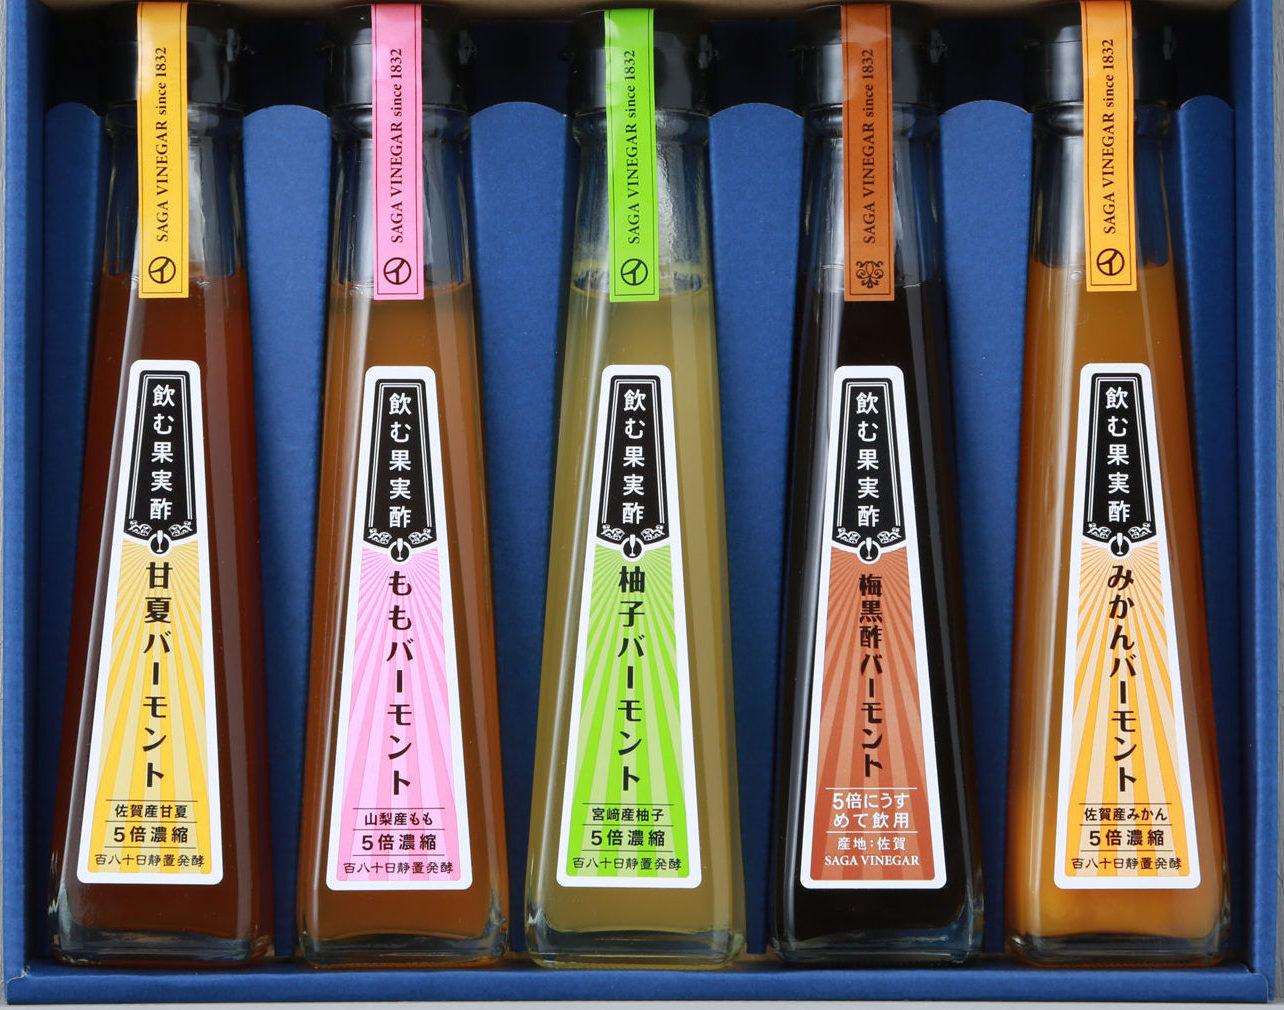 飲む果実酢春花セット